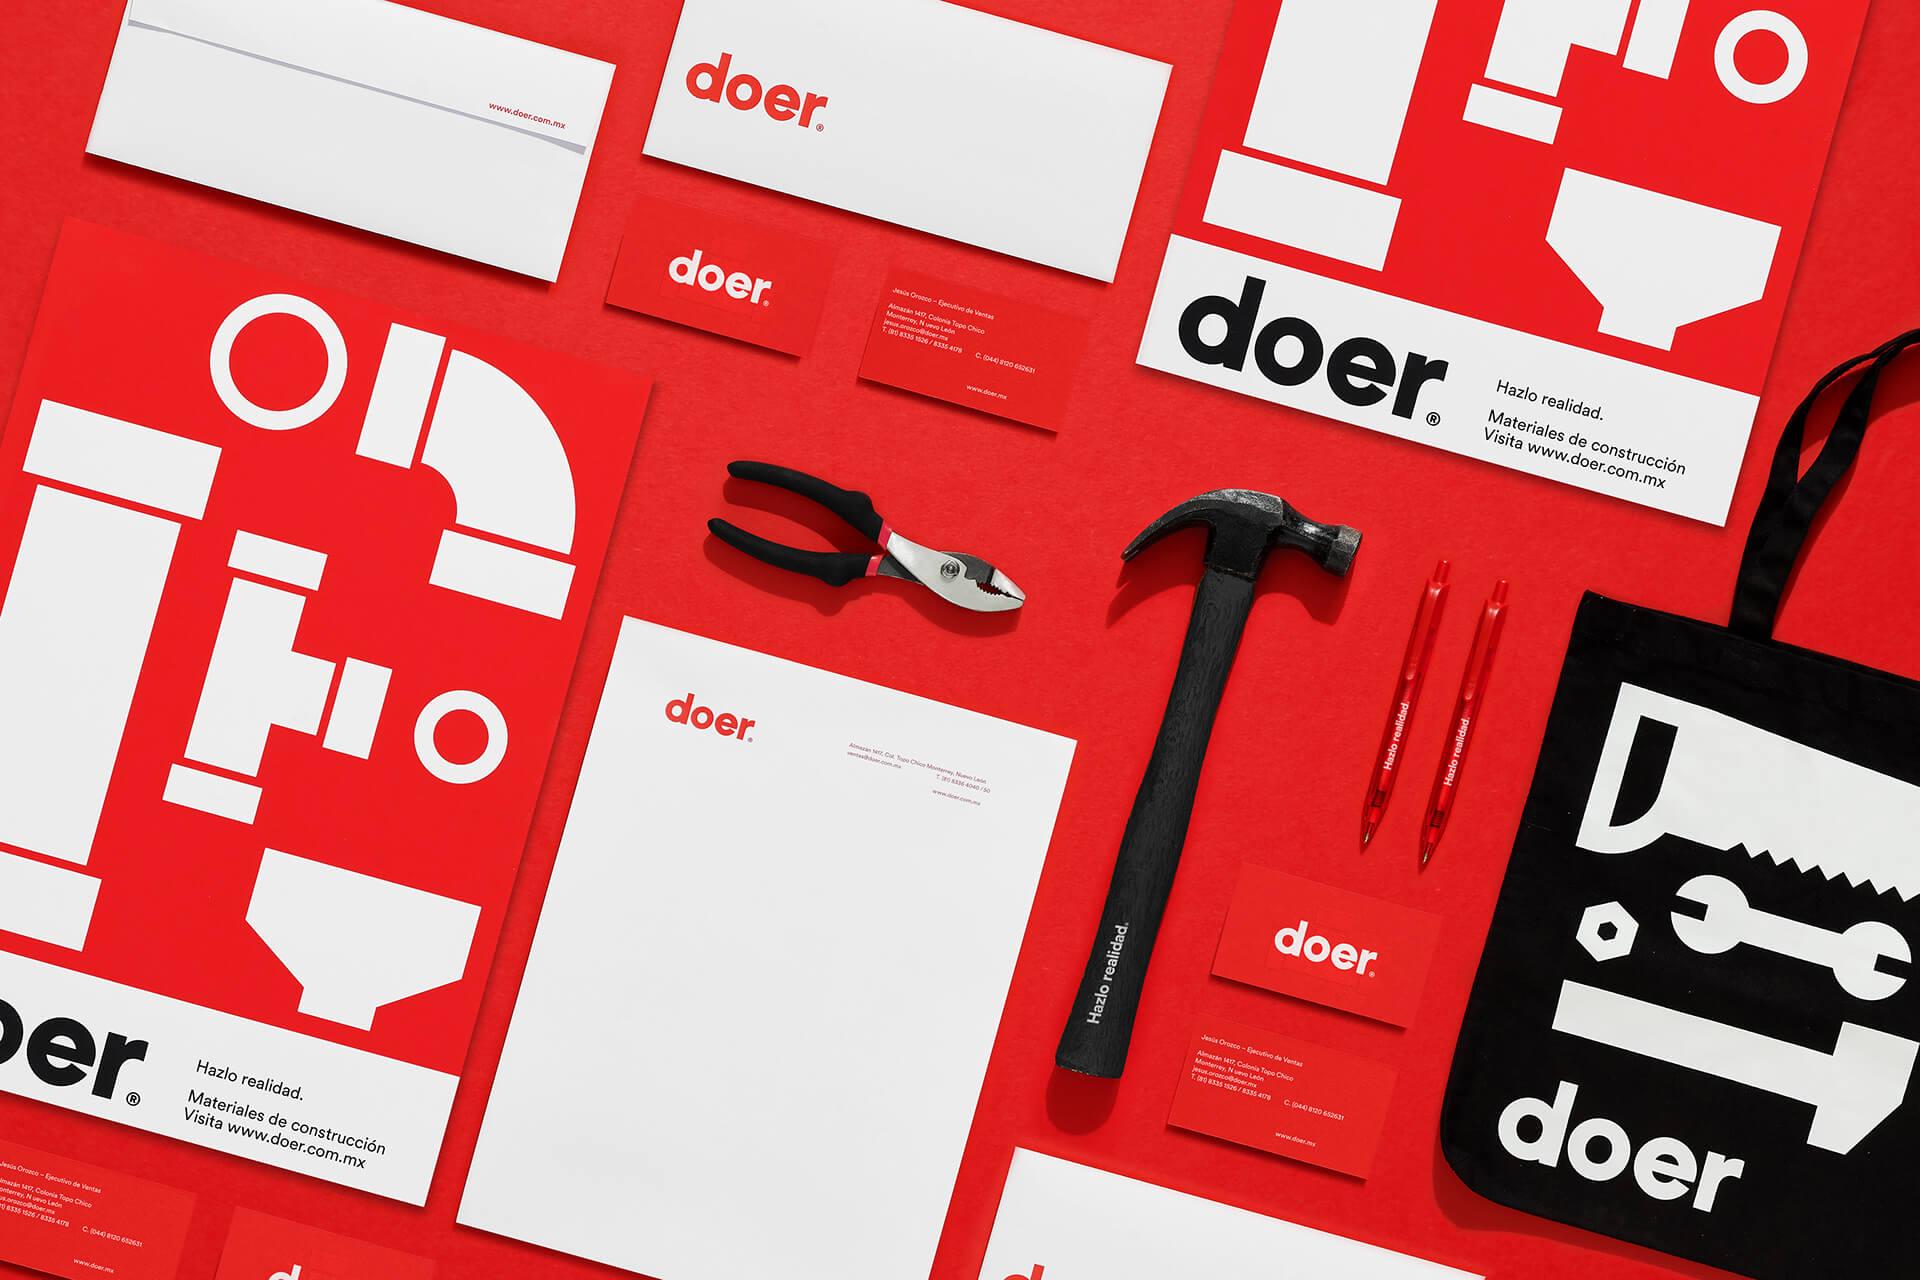 doer-branding-graphic-desing-07